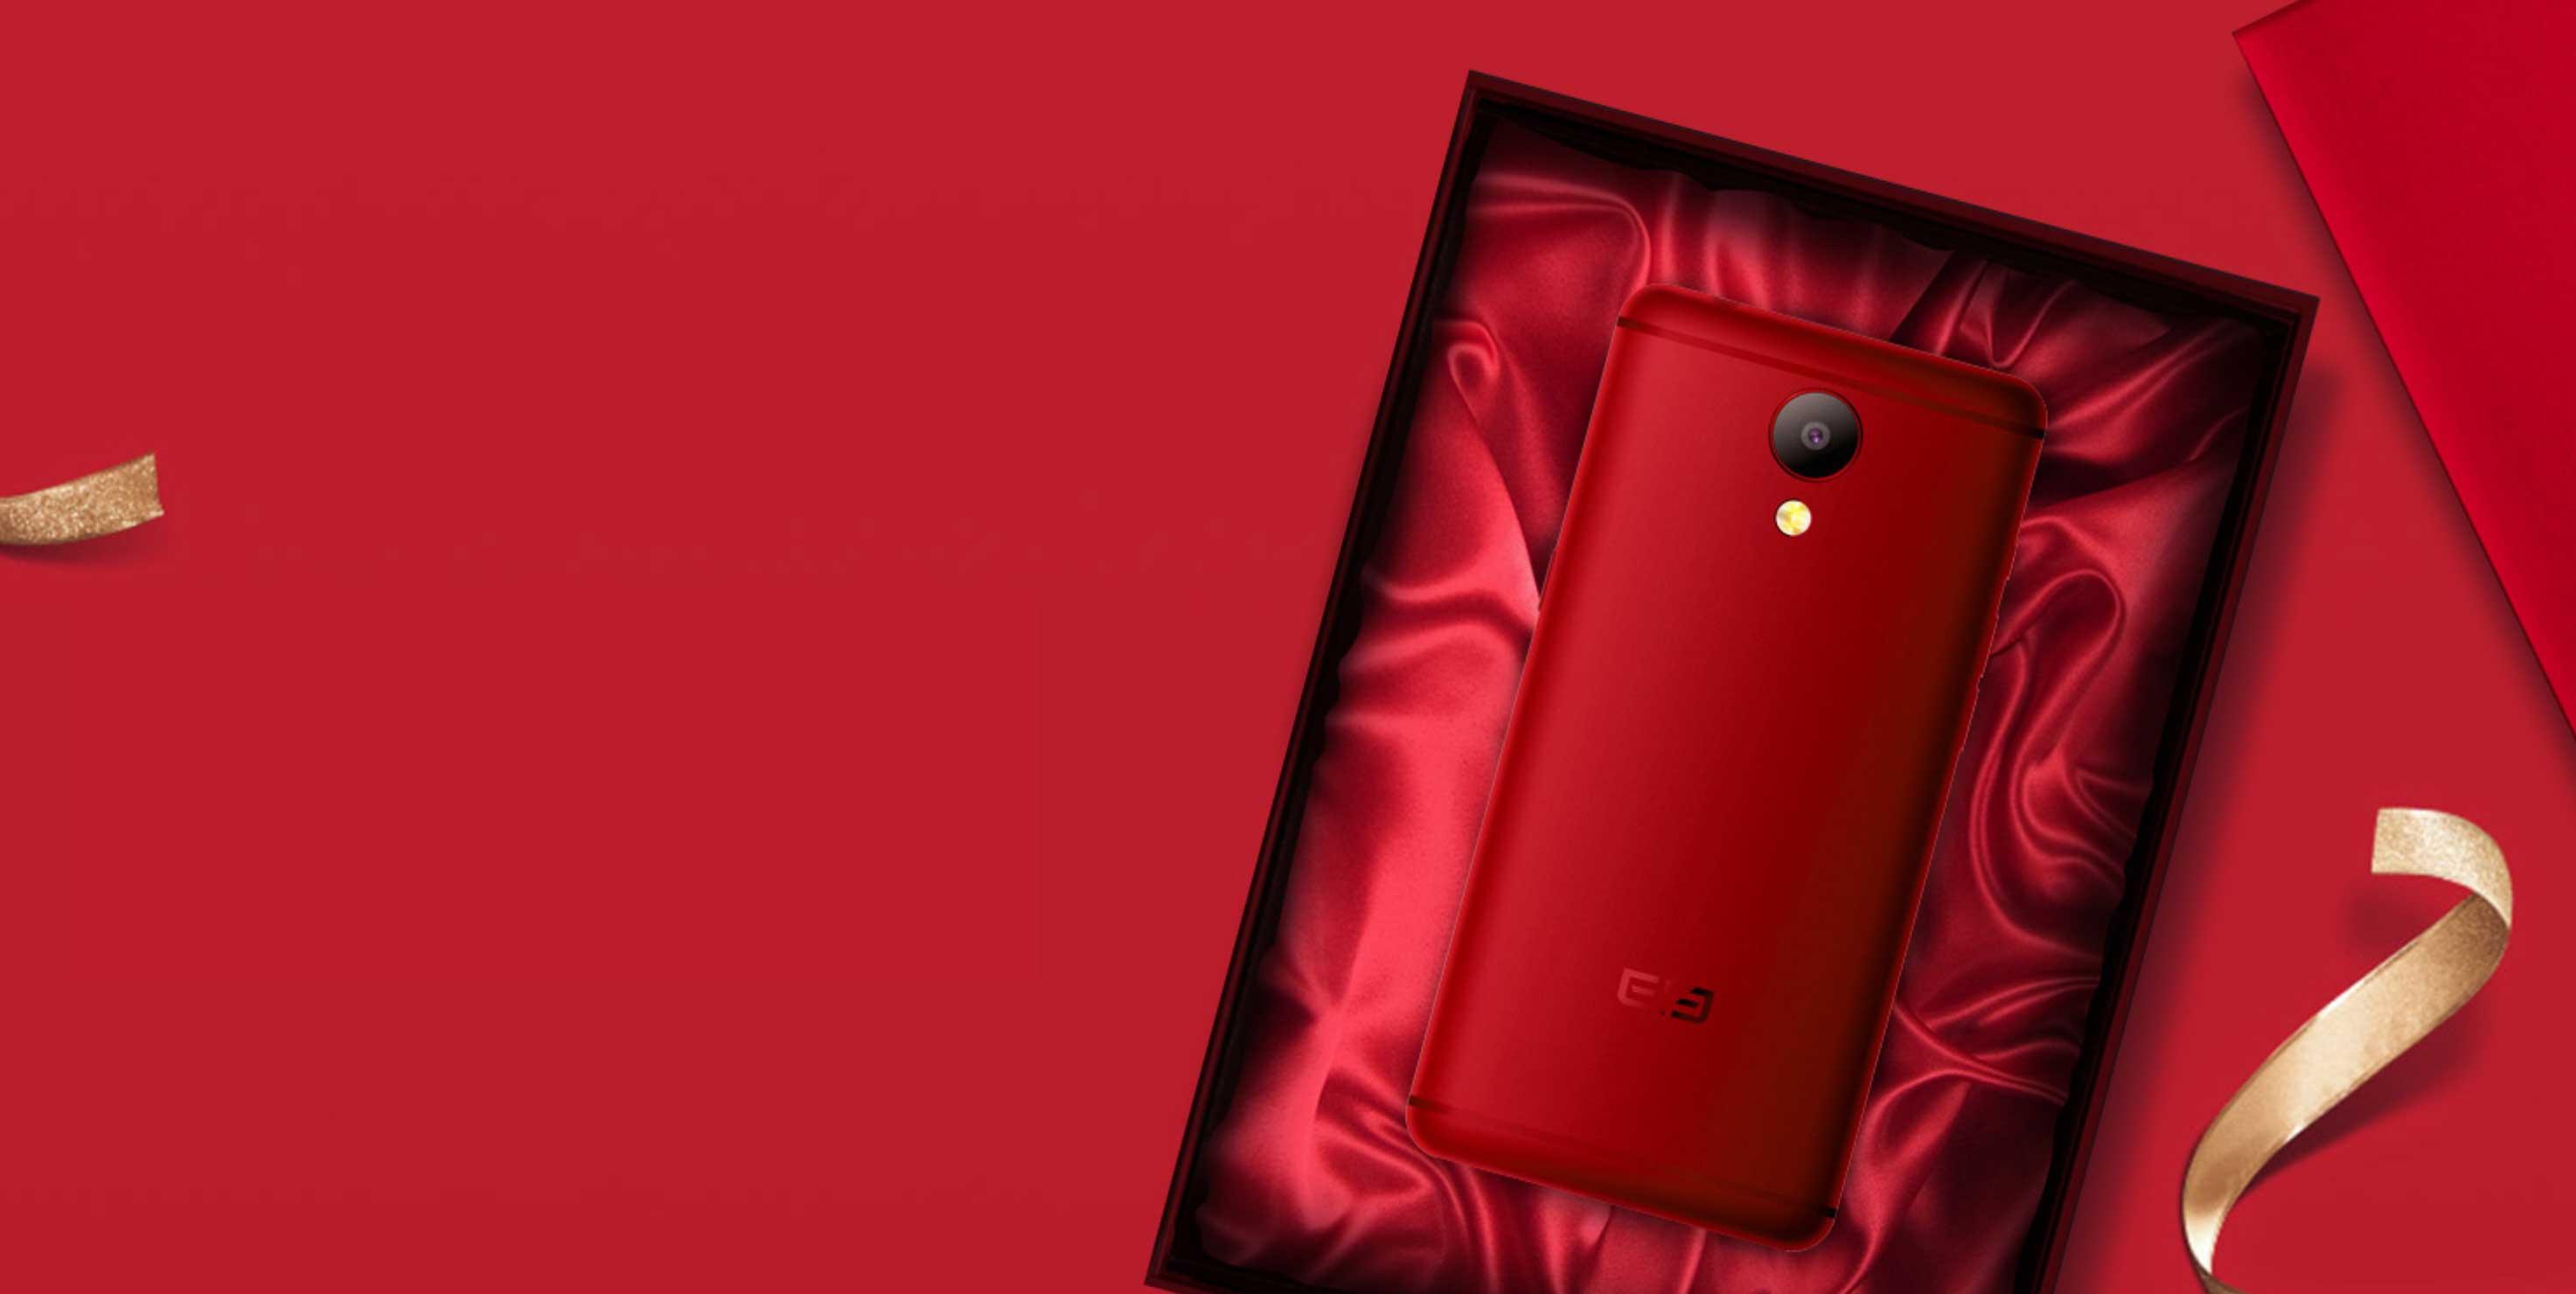 elephone 8 باللون الأحمر